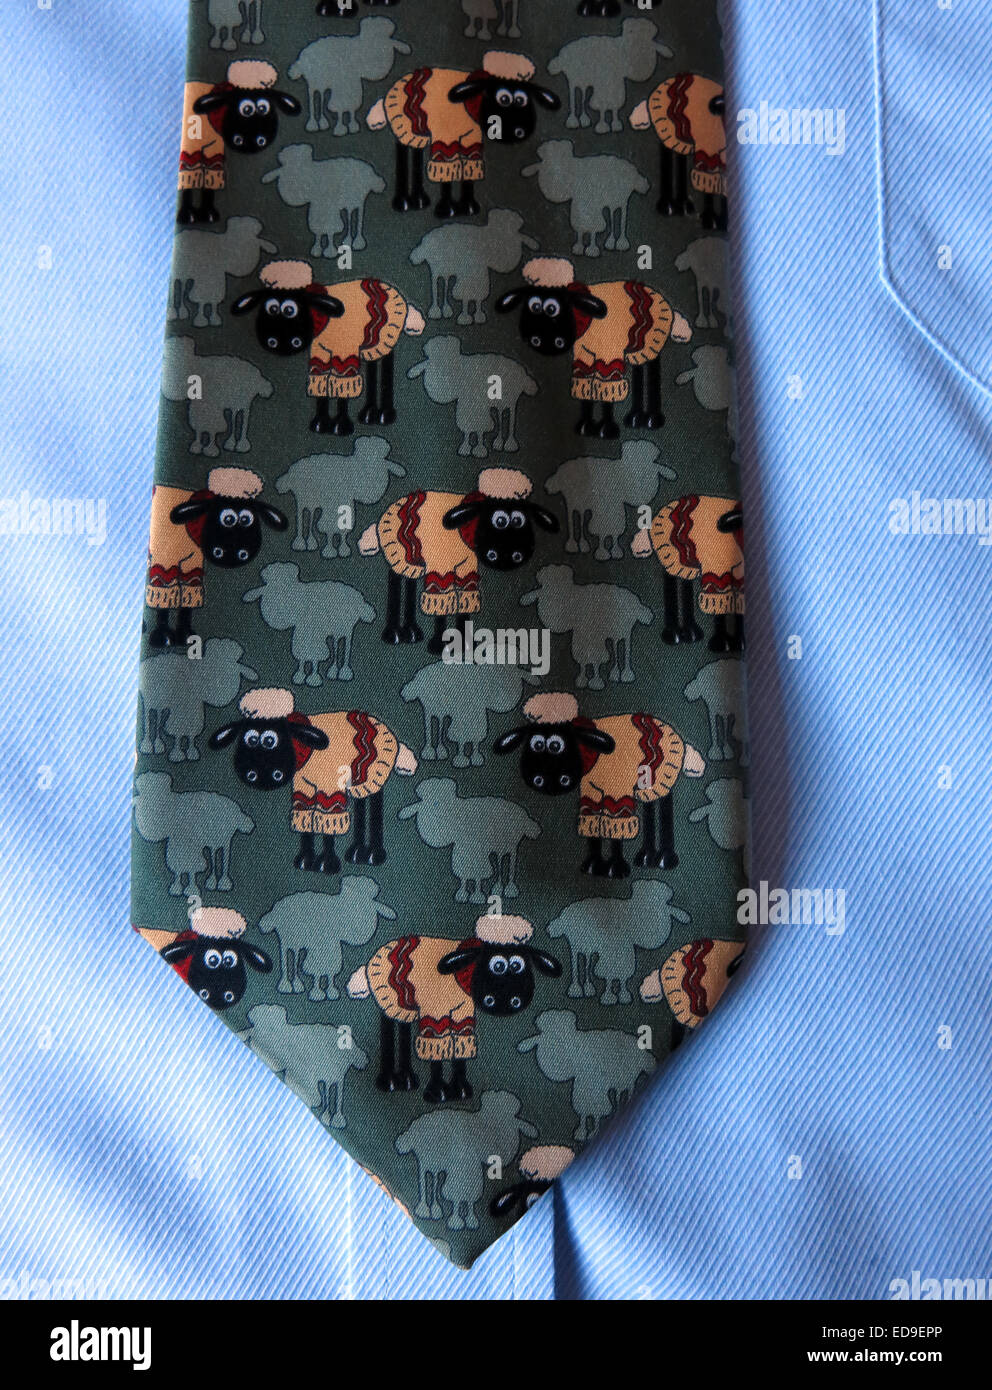 Laden Sie dieses Alamy Stockfoto Interessante Komödie Shaun die Schafe Krawatte, männliche Antik in Seide - ED9EPP